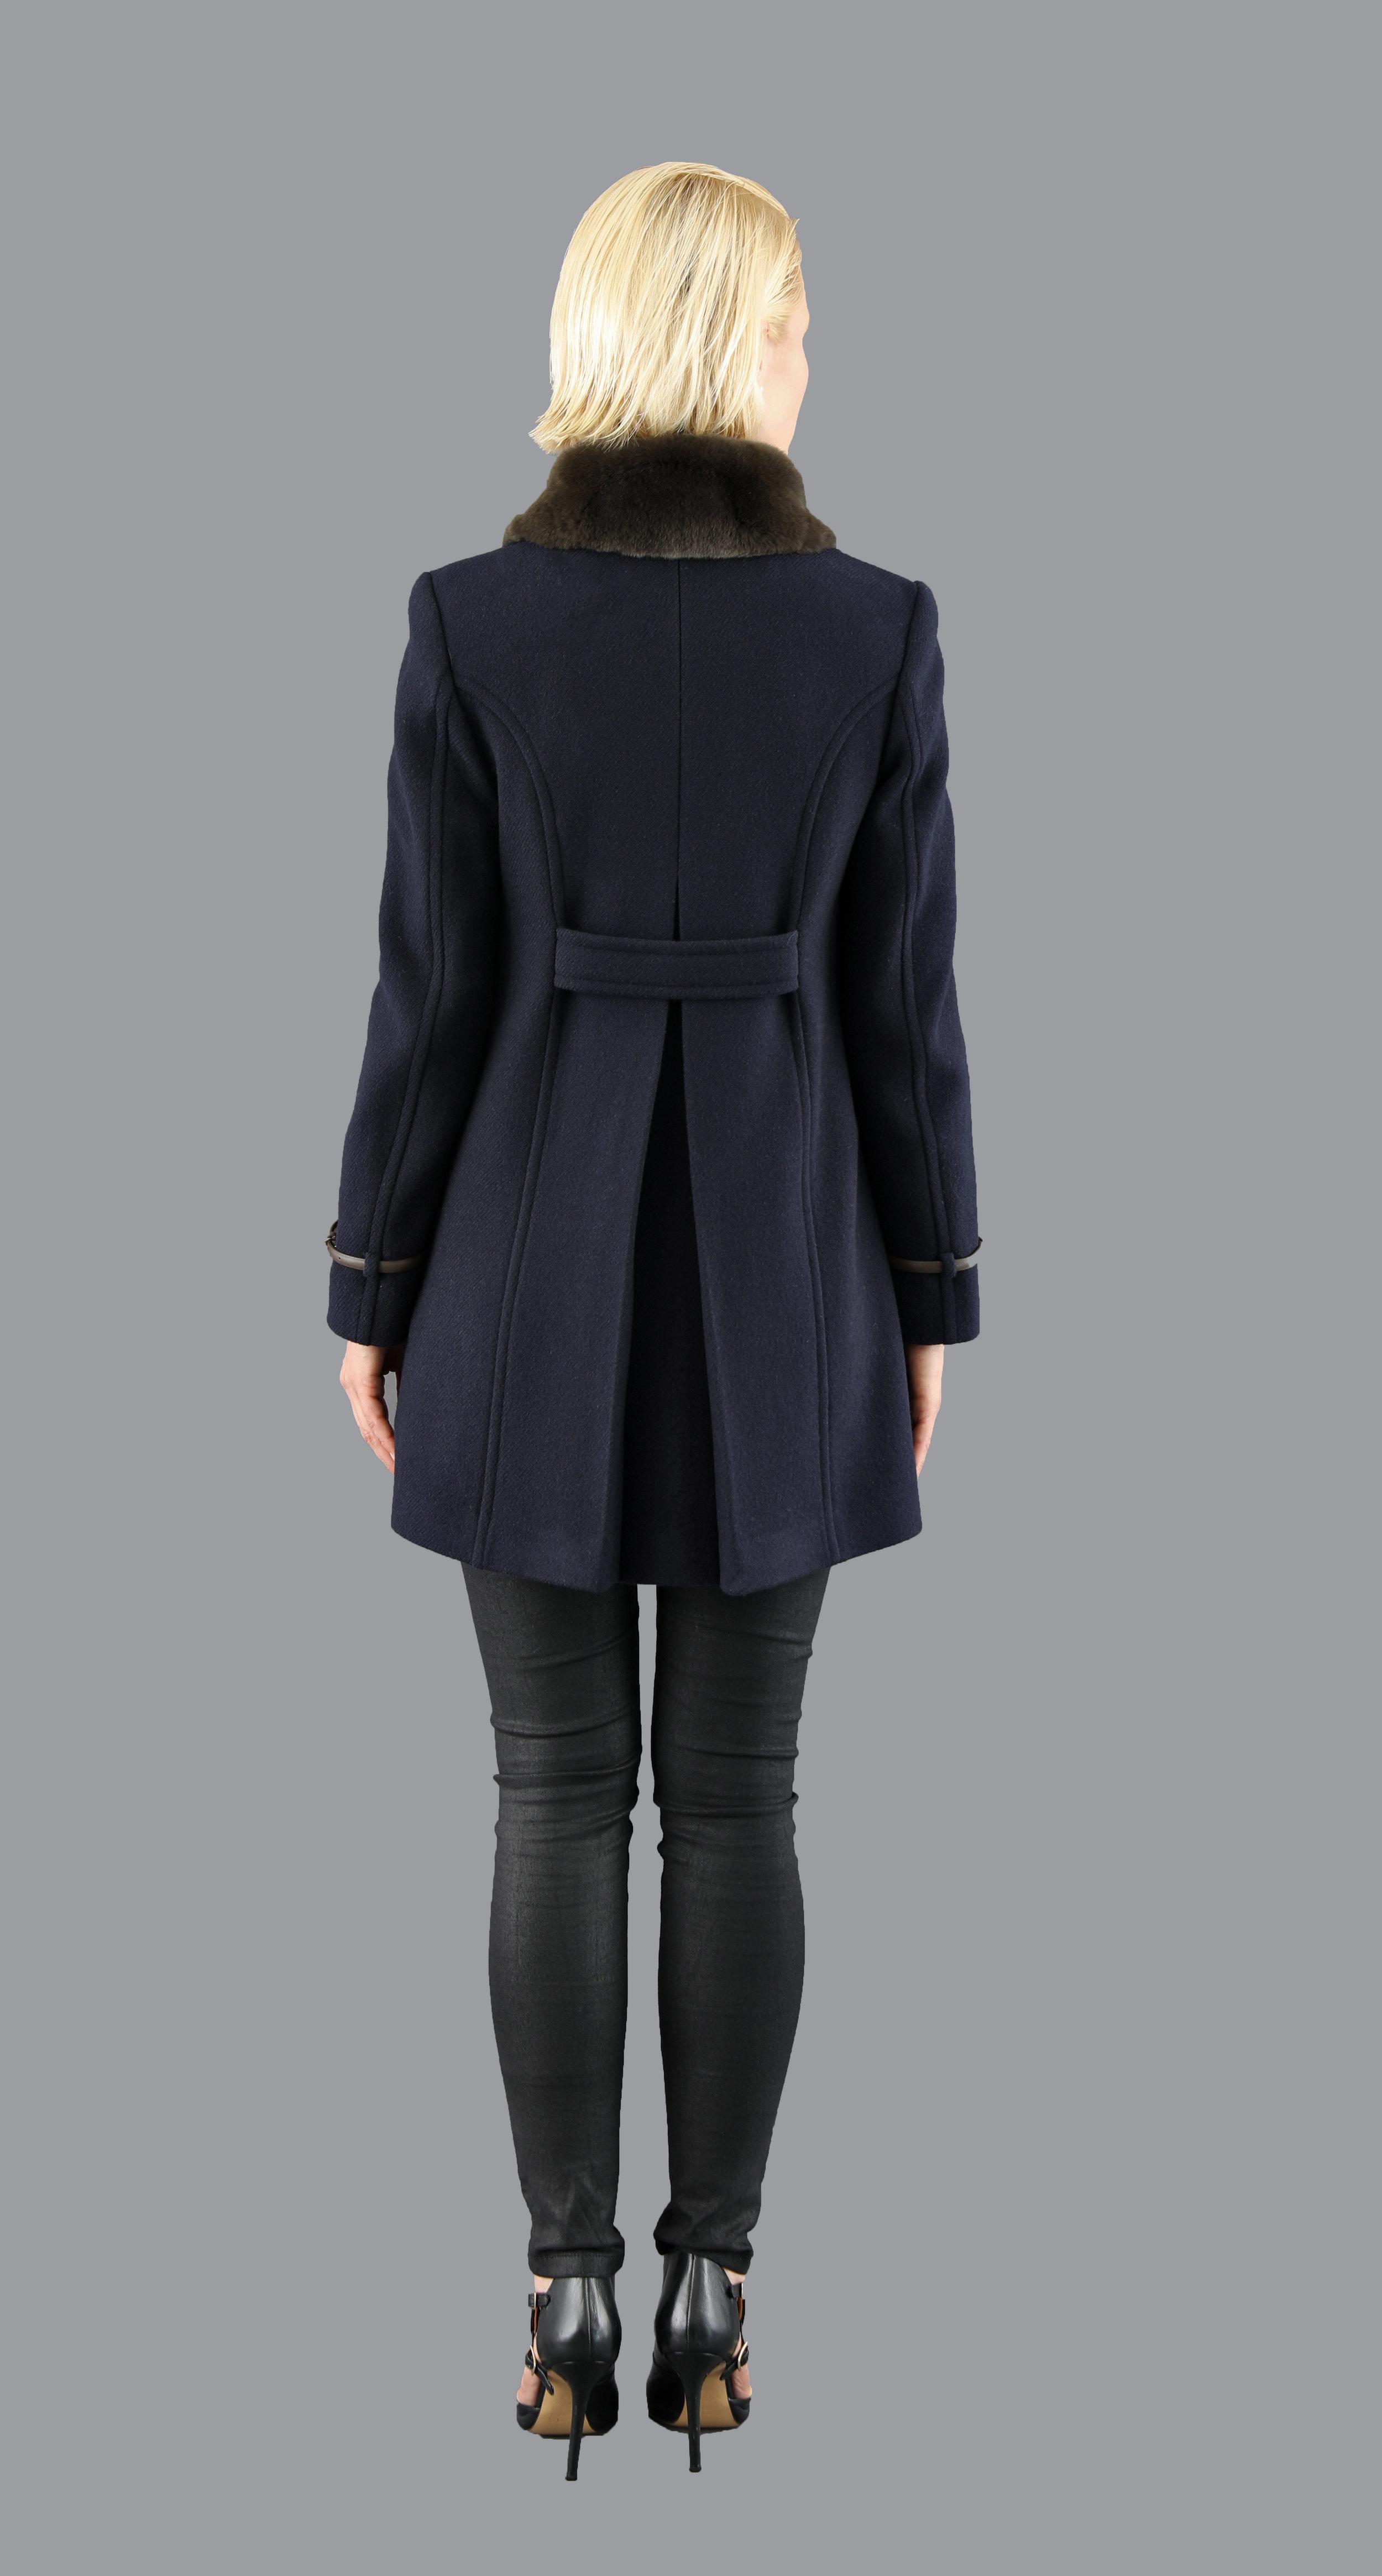 Mantel Kate marine3.jpg